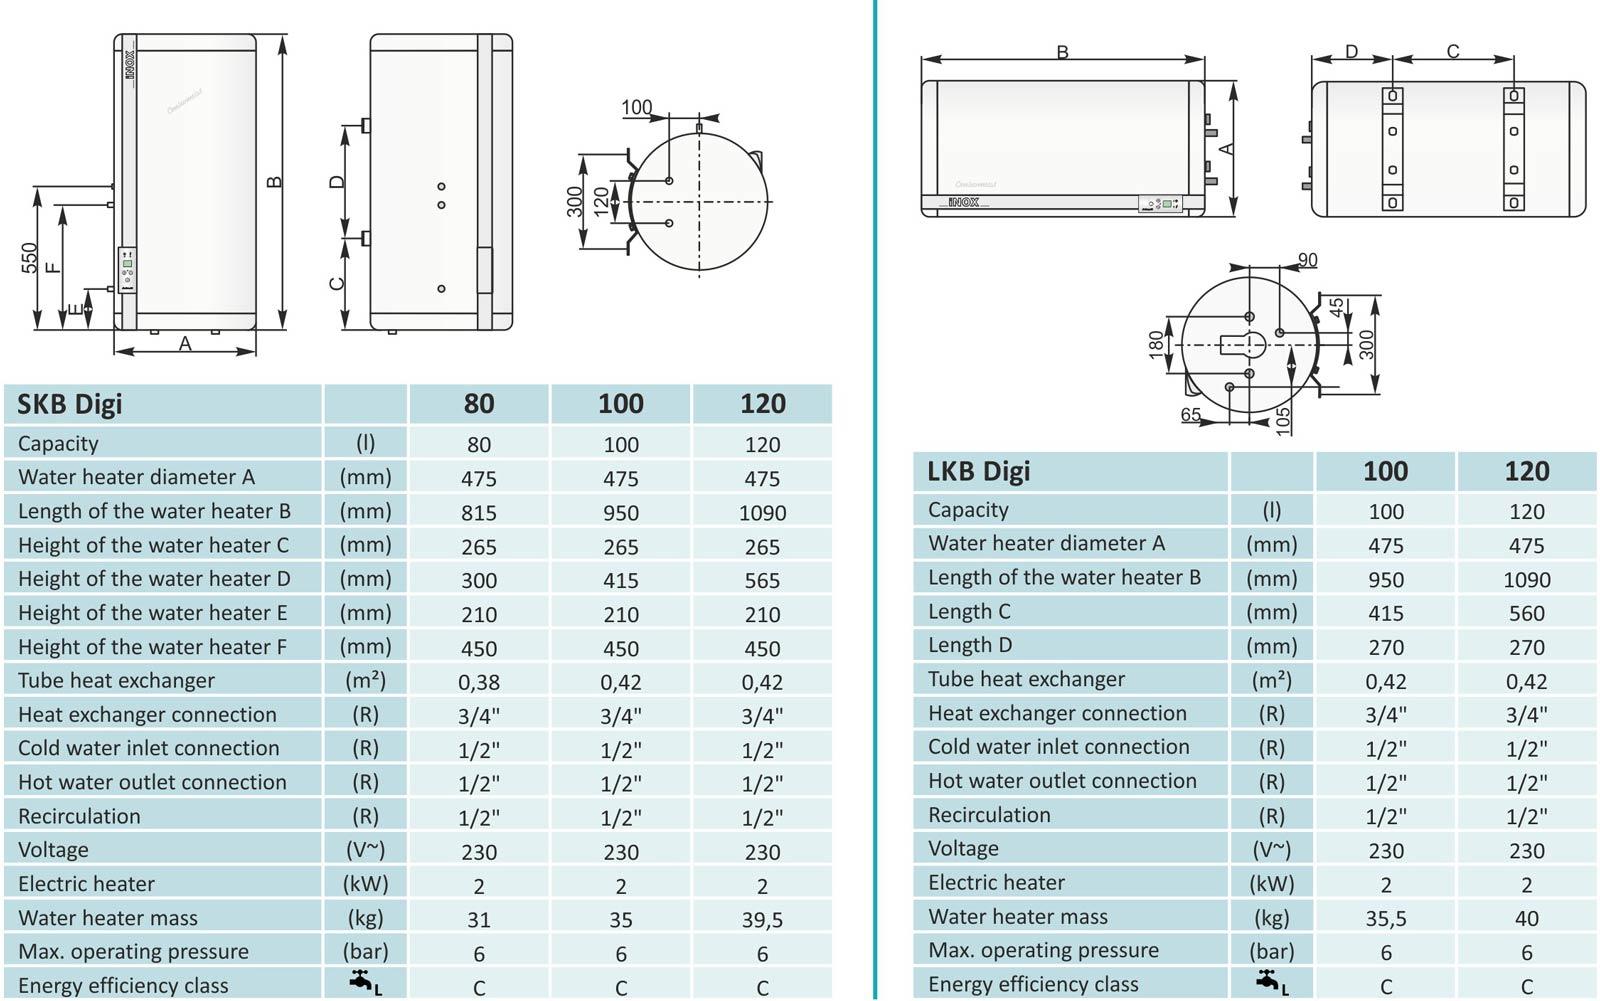 Brilliant Skb Digi 80 120 Lit And Lkb Digi 100 120 Lit Centrometal Wiring 101 Akebretraxxcnl